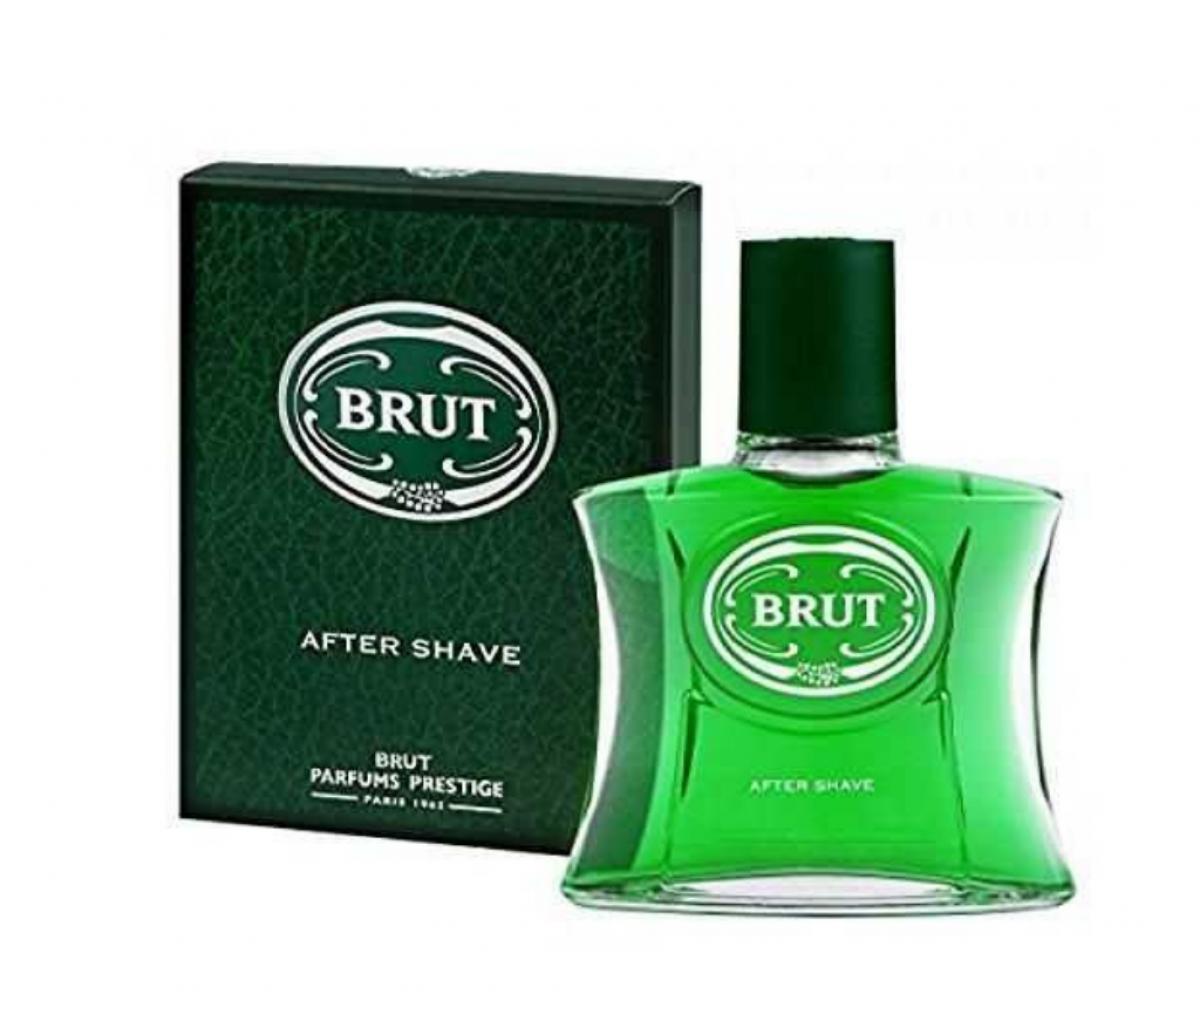 Brut 100ml original after shave